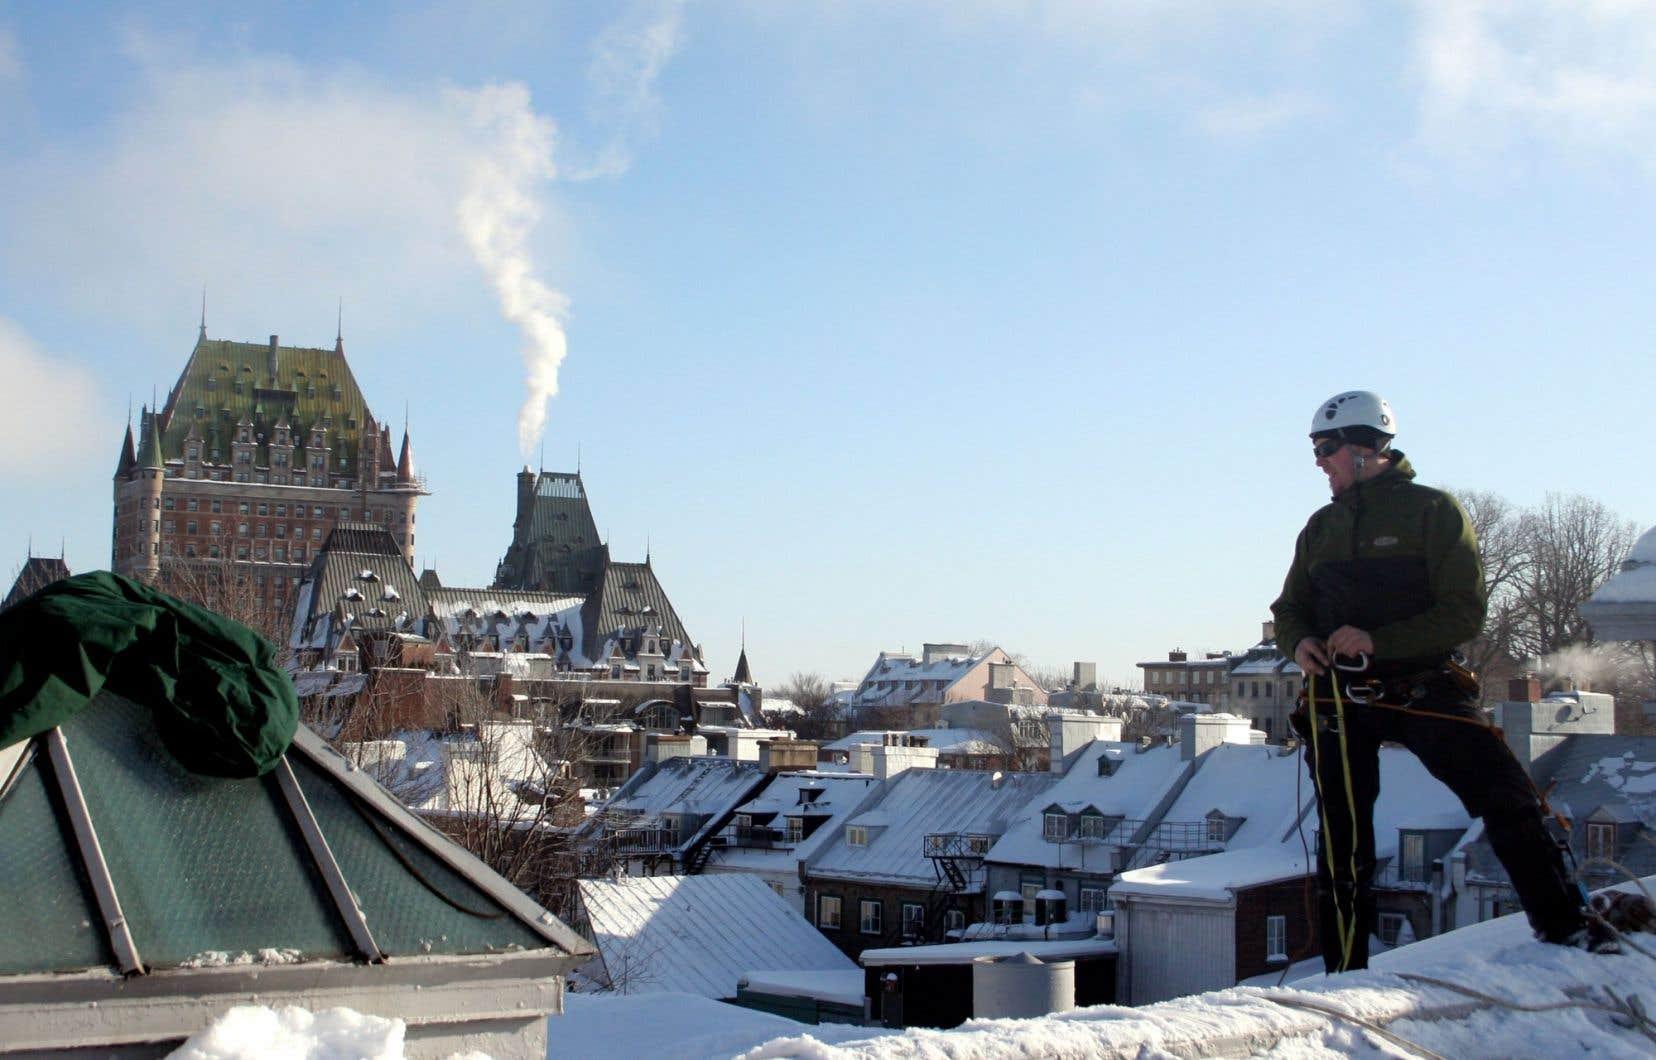 Les déneigeurs de toits du Vieux-Québec sont souvent recrutés parmi les amateurs d'escalade. «Ils ont un peu réinventé la façon de déneiger», dit le cinéaste Helgi Piccinin, qui leur consacre un documentaire.